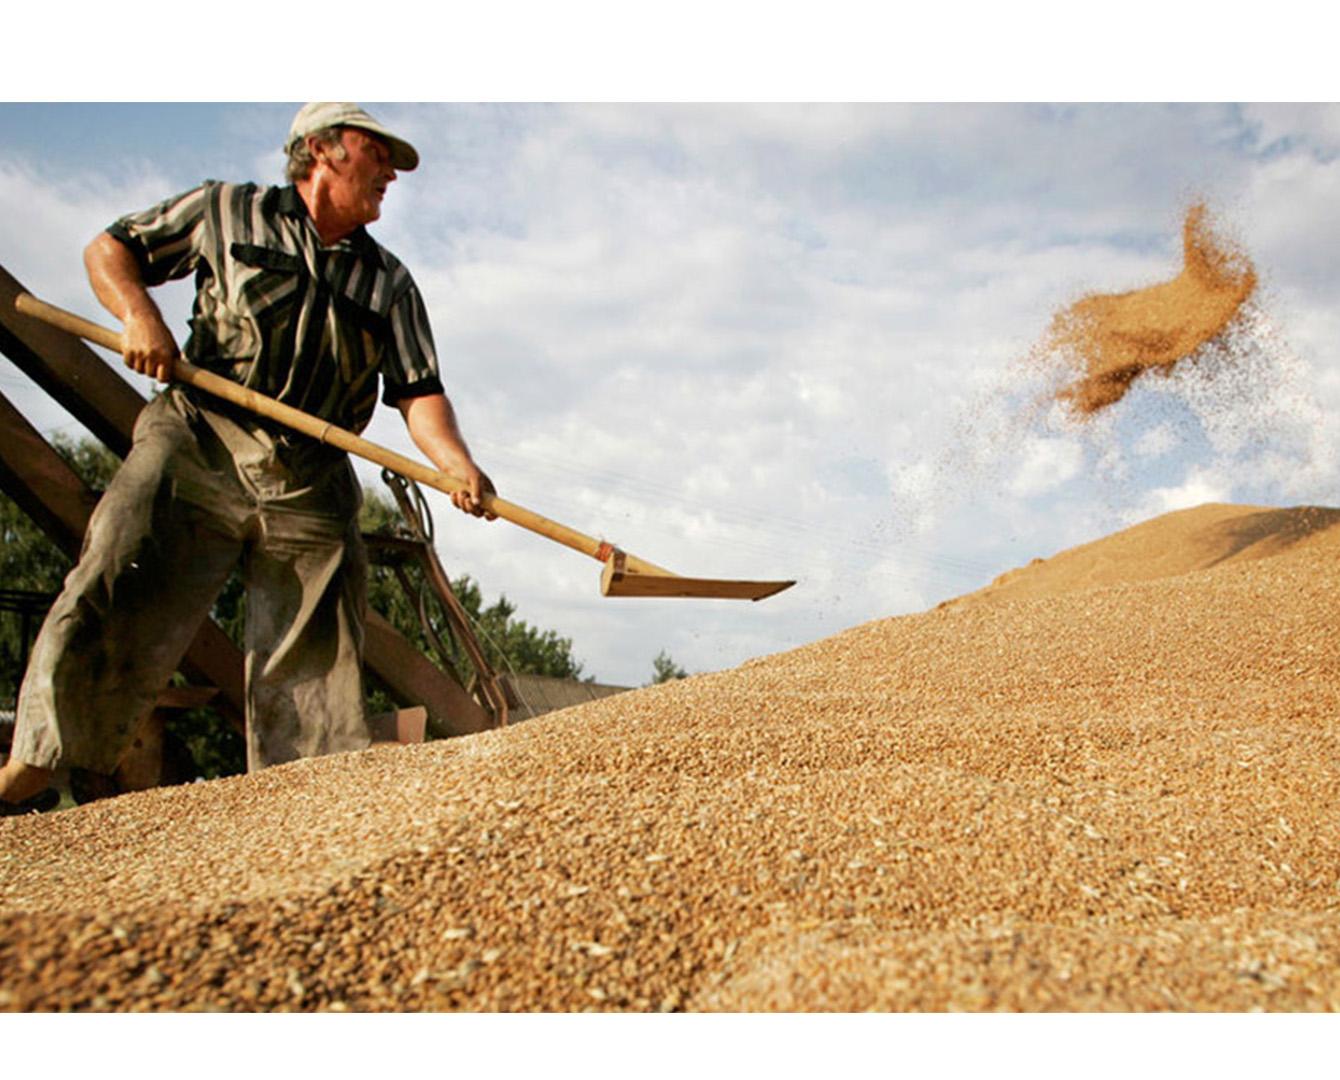 МСХ РК намерено поднять авторитет и статус сельхозработника